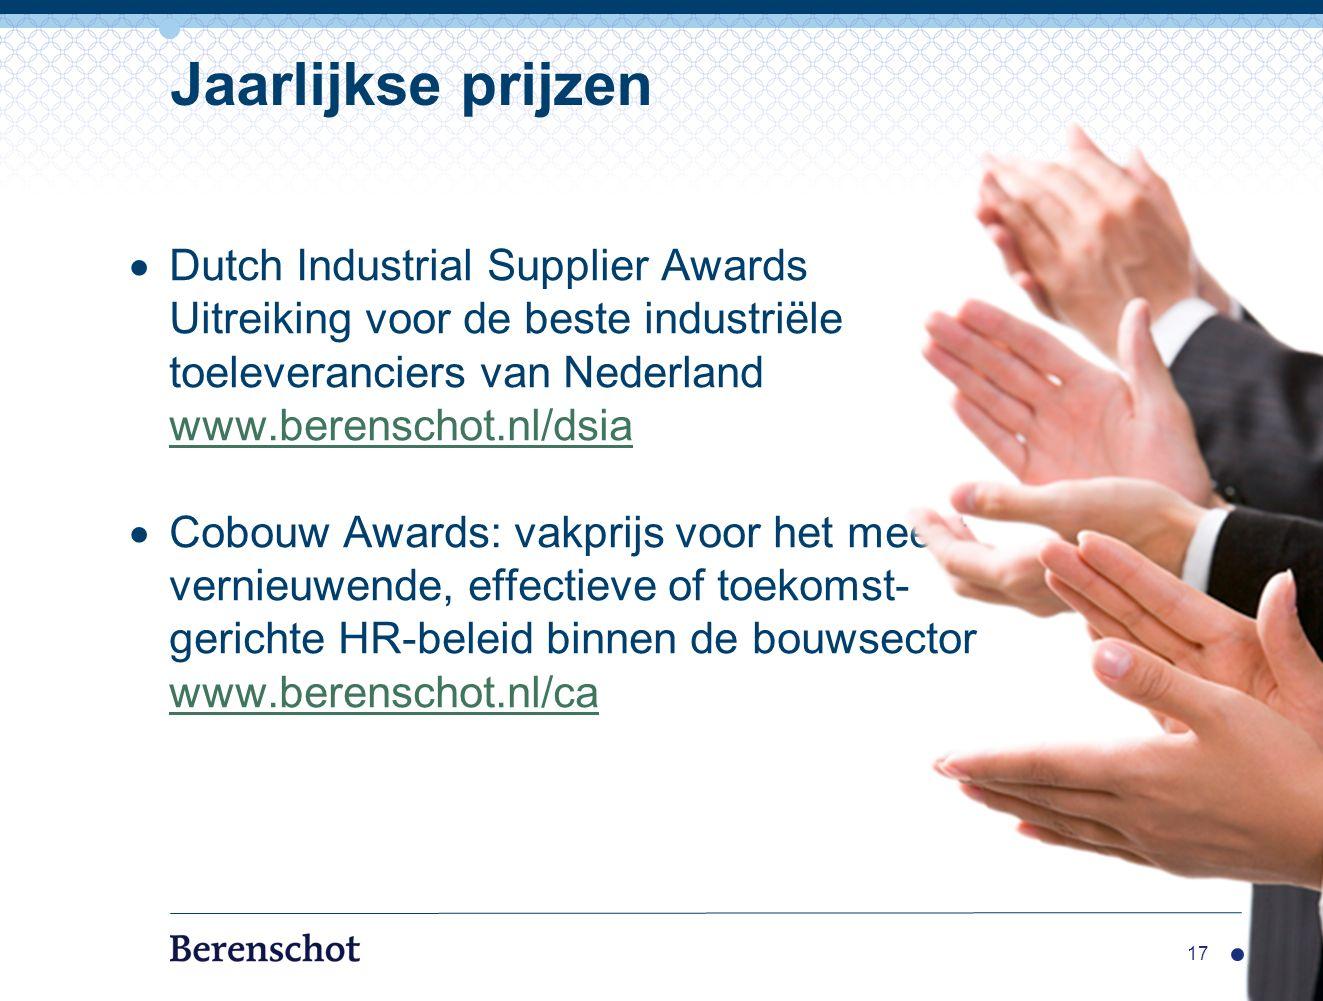  Dutch Industrial Supplier Awards Uitreiking voor de beste industriële toeleveranciers van Nederland www.berenschot.nl/dsia www.berenschot.nl/dsia 